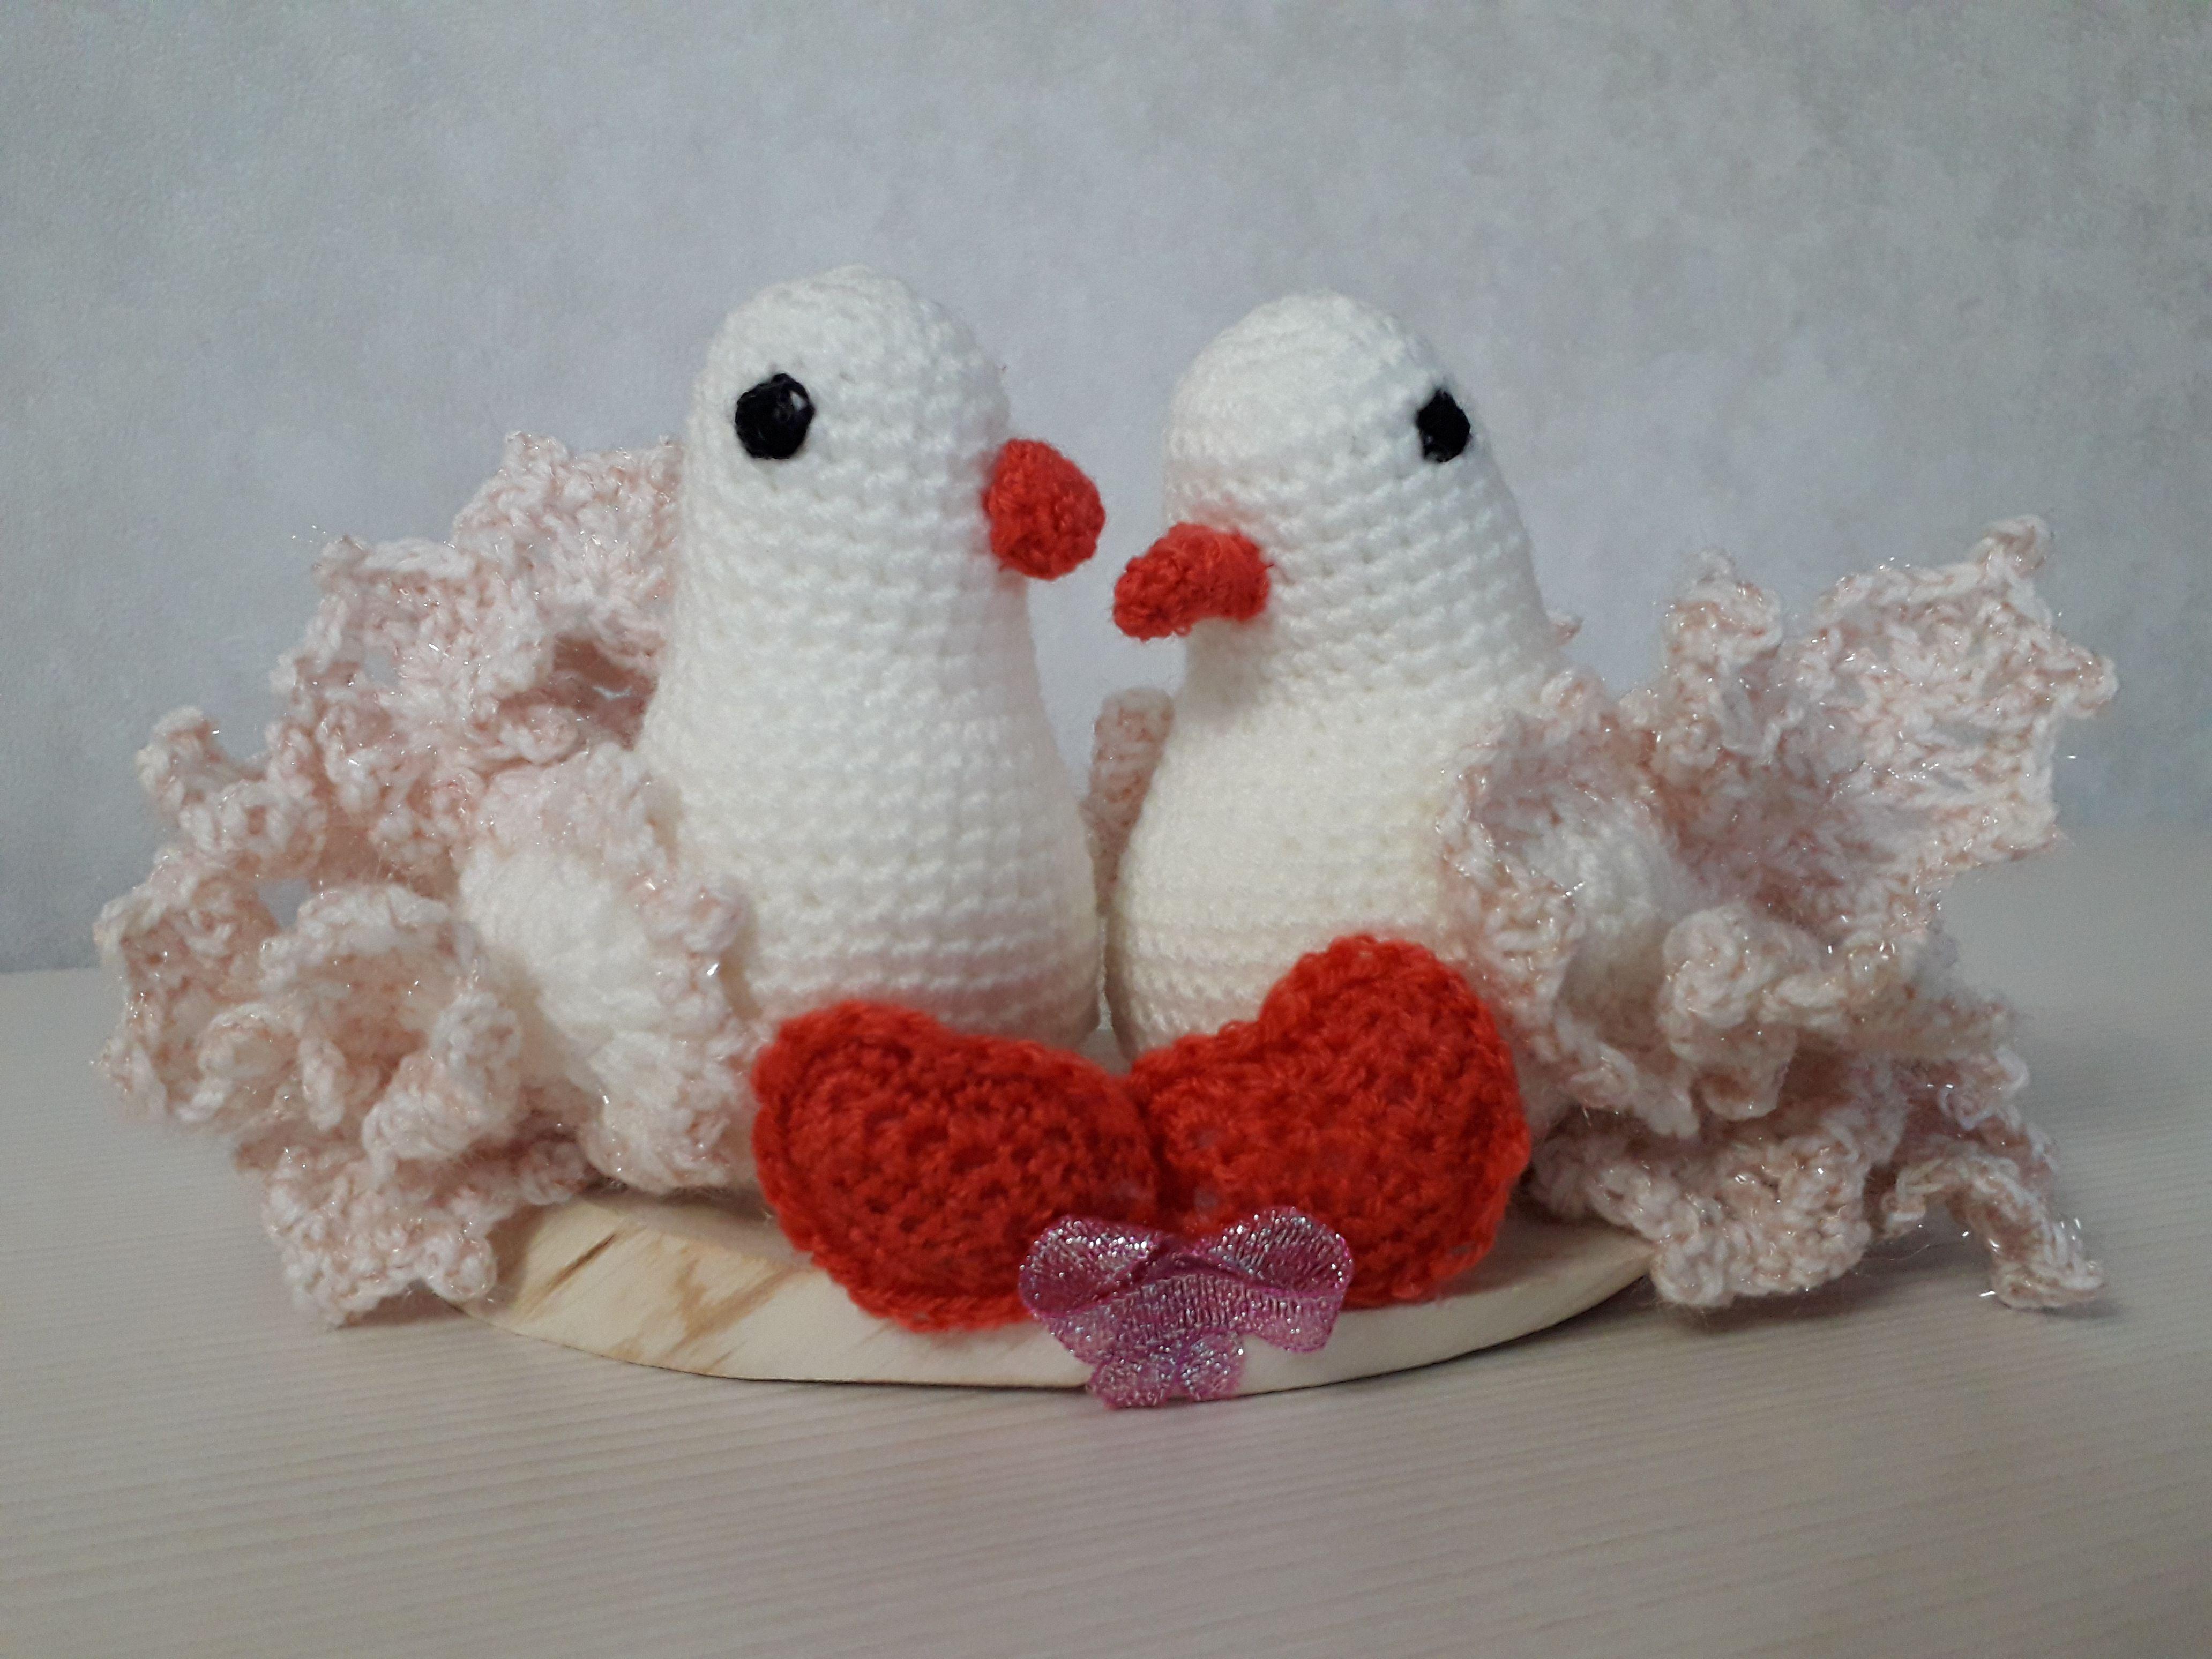 подарок вязание сувенир игрушка наюбилей вязаниеназаказ свадьба